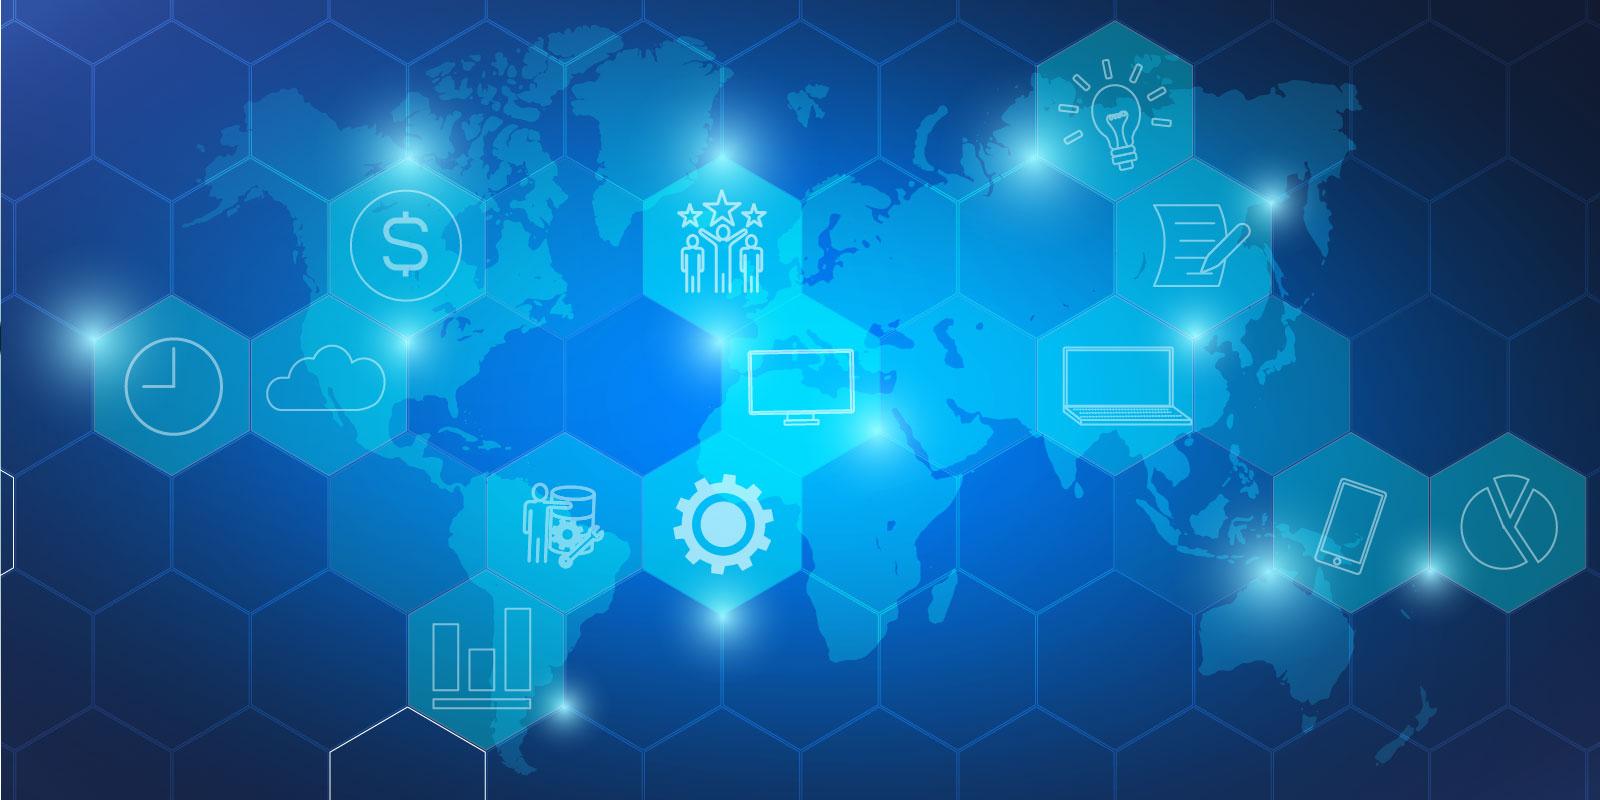 ผู้นำซอฟต์แวร์บริหารธุรกิจอสังหาริมทรัพย์และทรัพยากรบุคคล